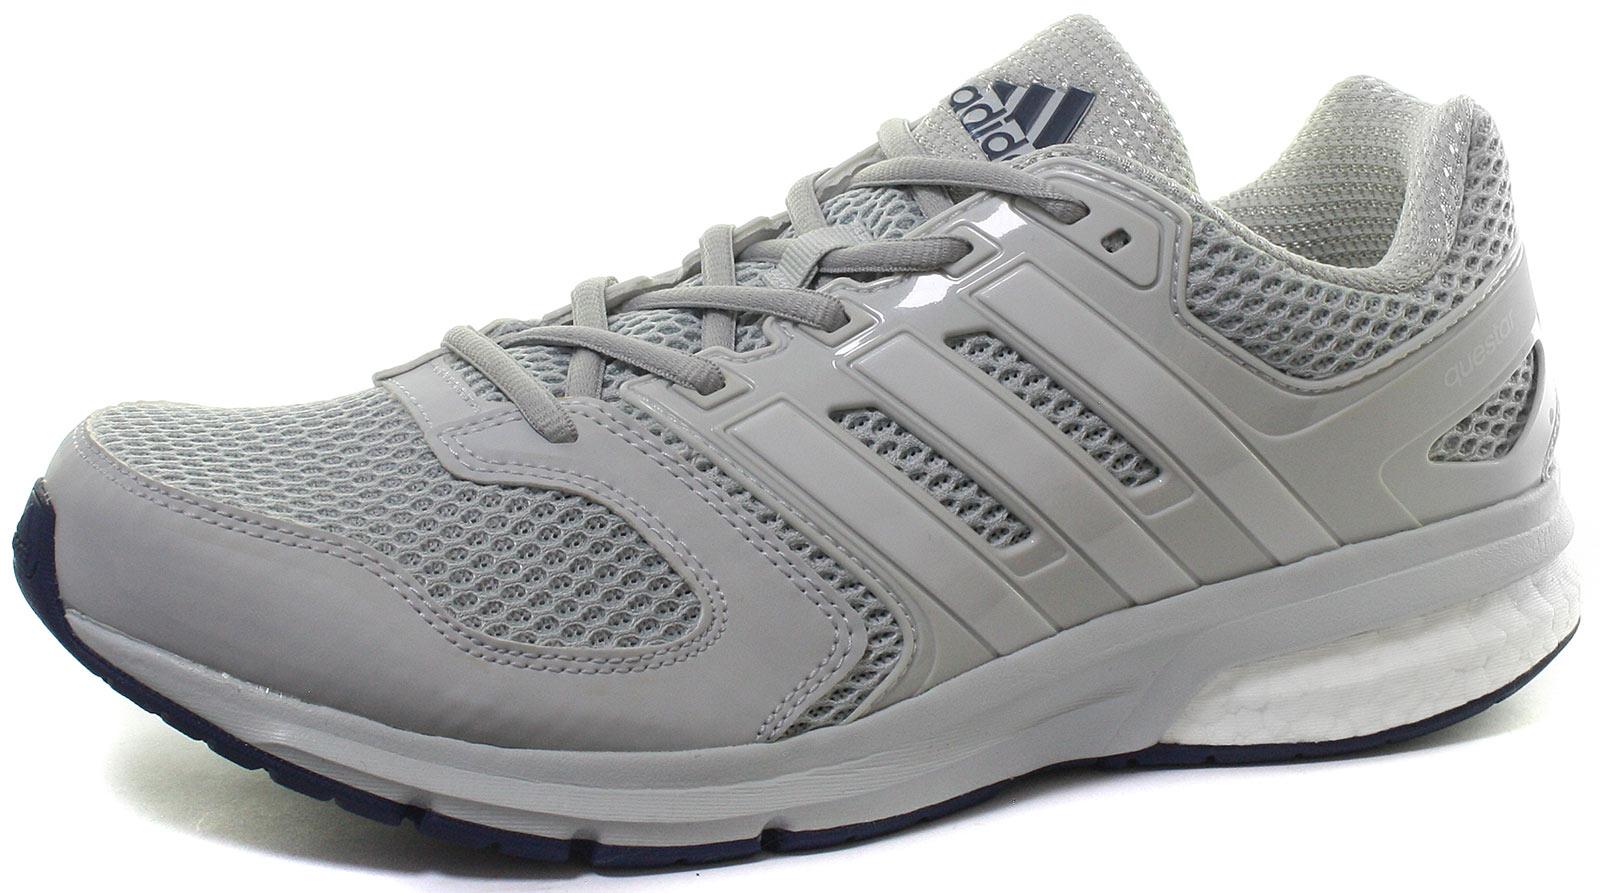 Nuevos Zapatos de Hombre Para Correr Adidas Questar Zapatillas Todas Las Tallas